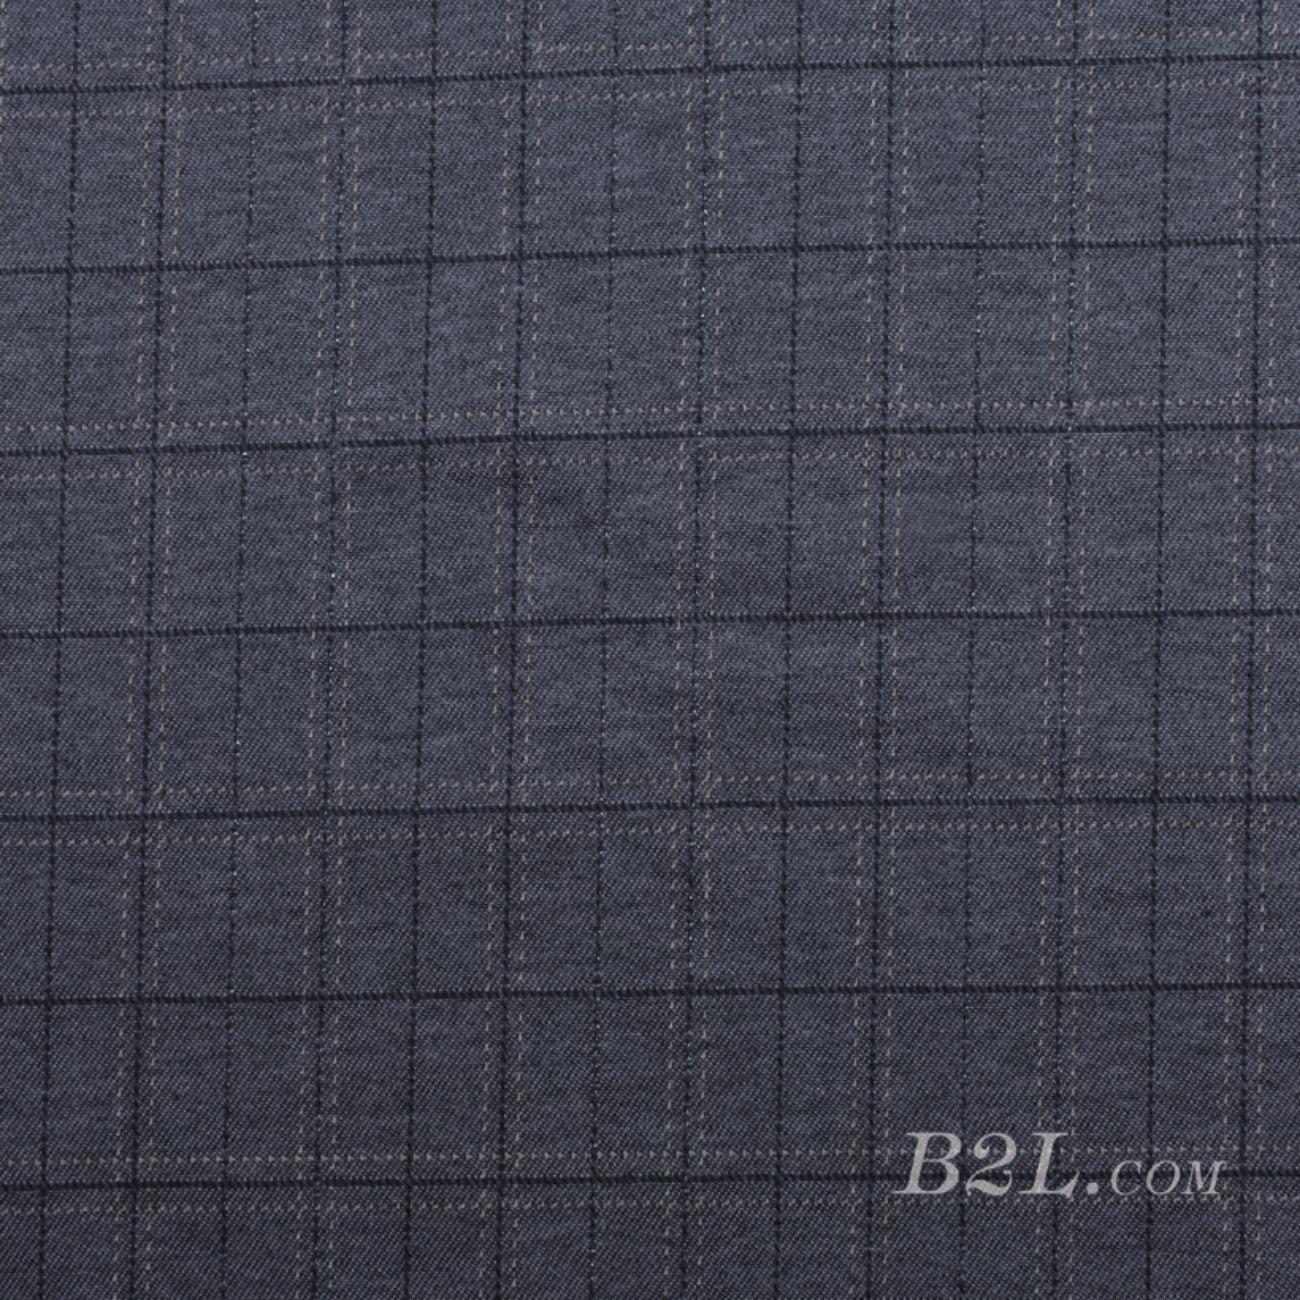 针织染色格子面料-春秋冬连衣裙半身裙外套面料Z930